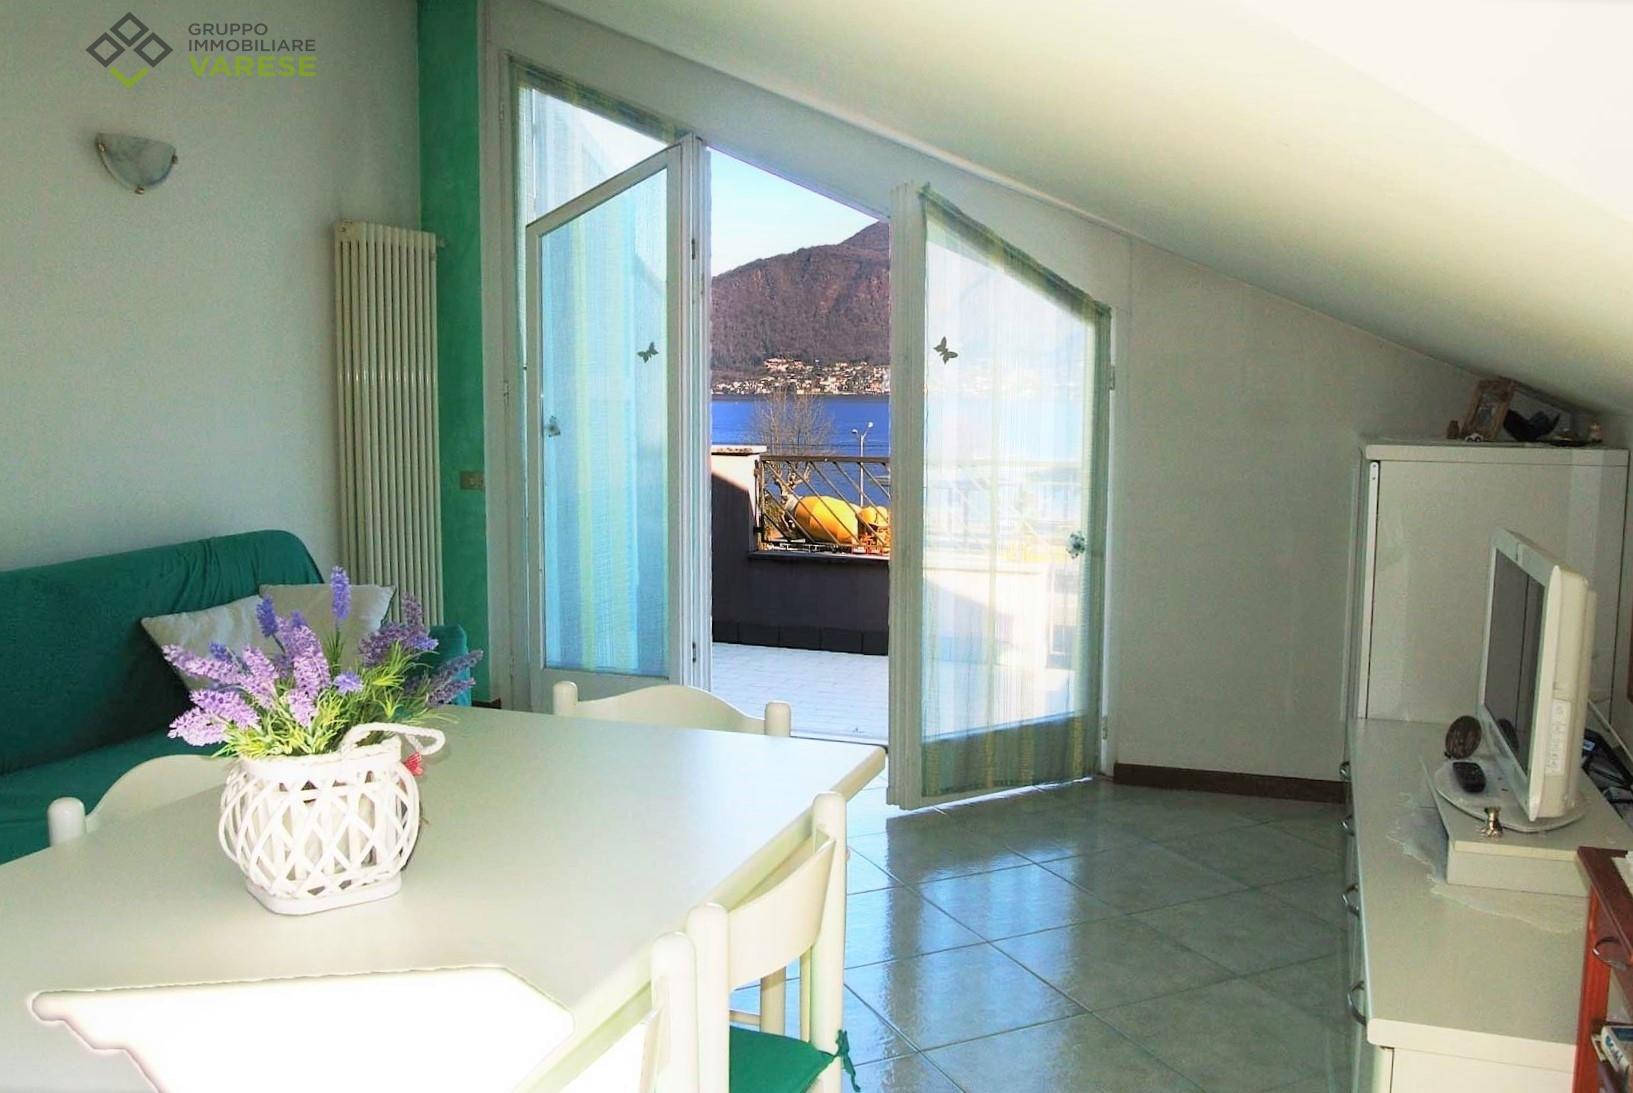 Appartamento in vendita a Porto Ceresio, 2 locali, prezzo € 98.000   CambioCasa.it